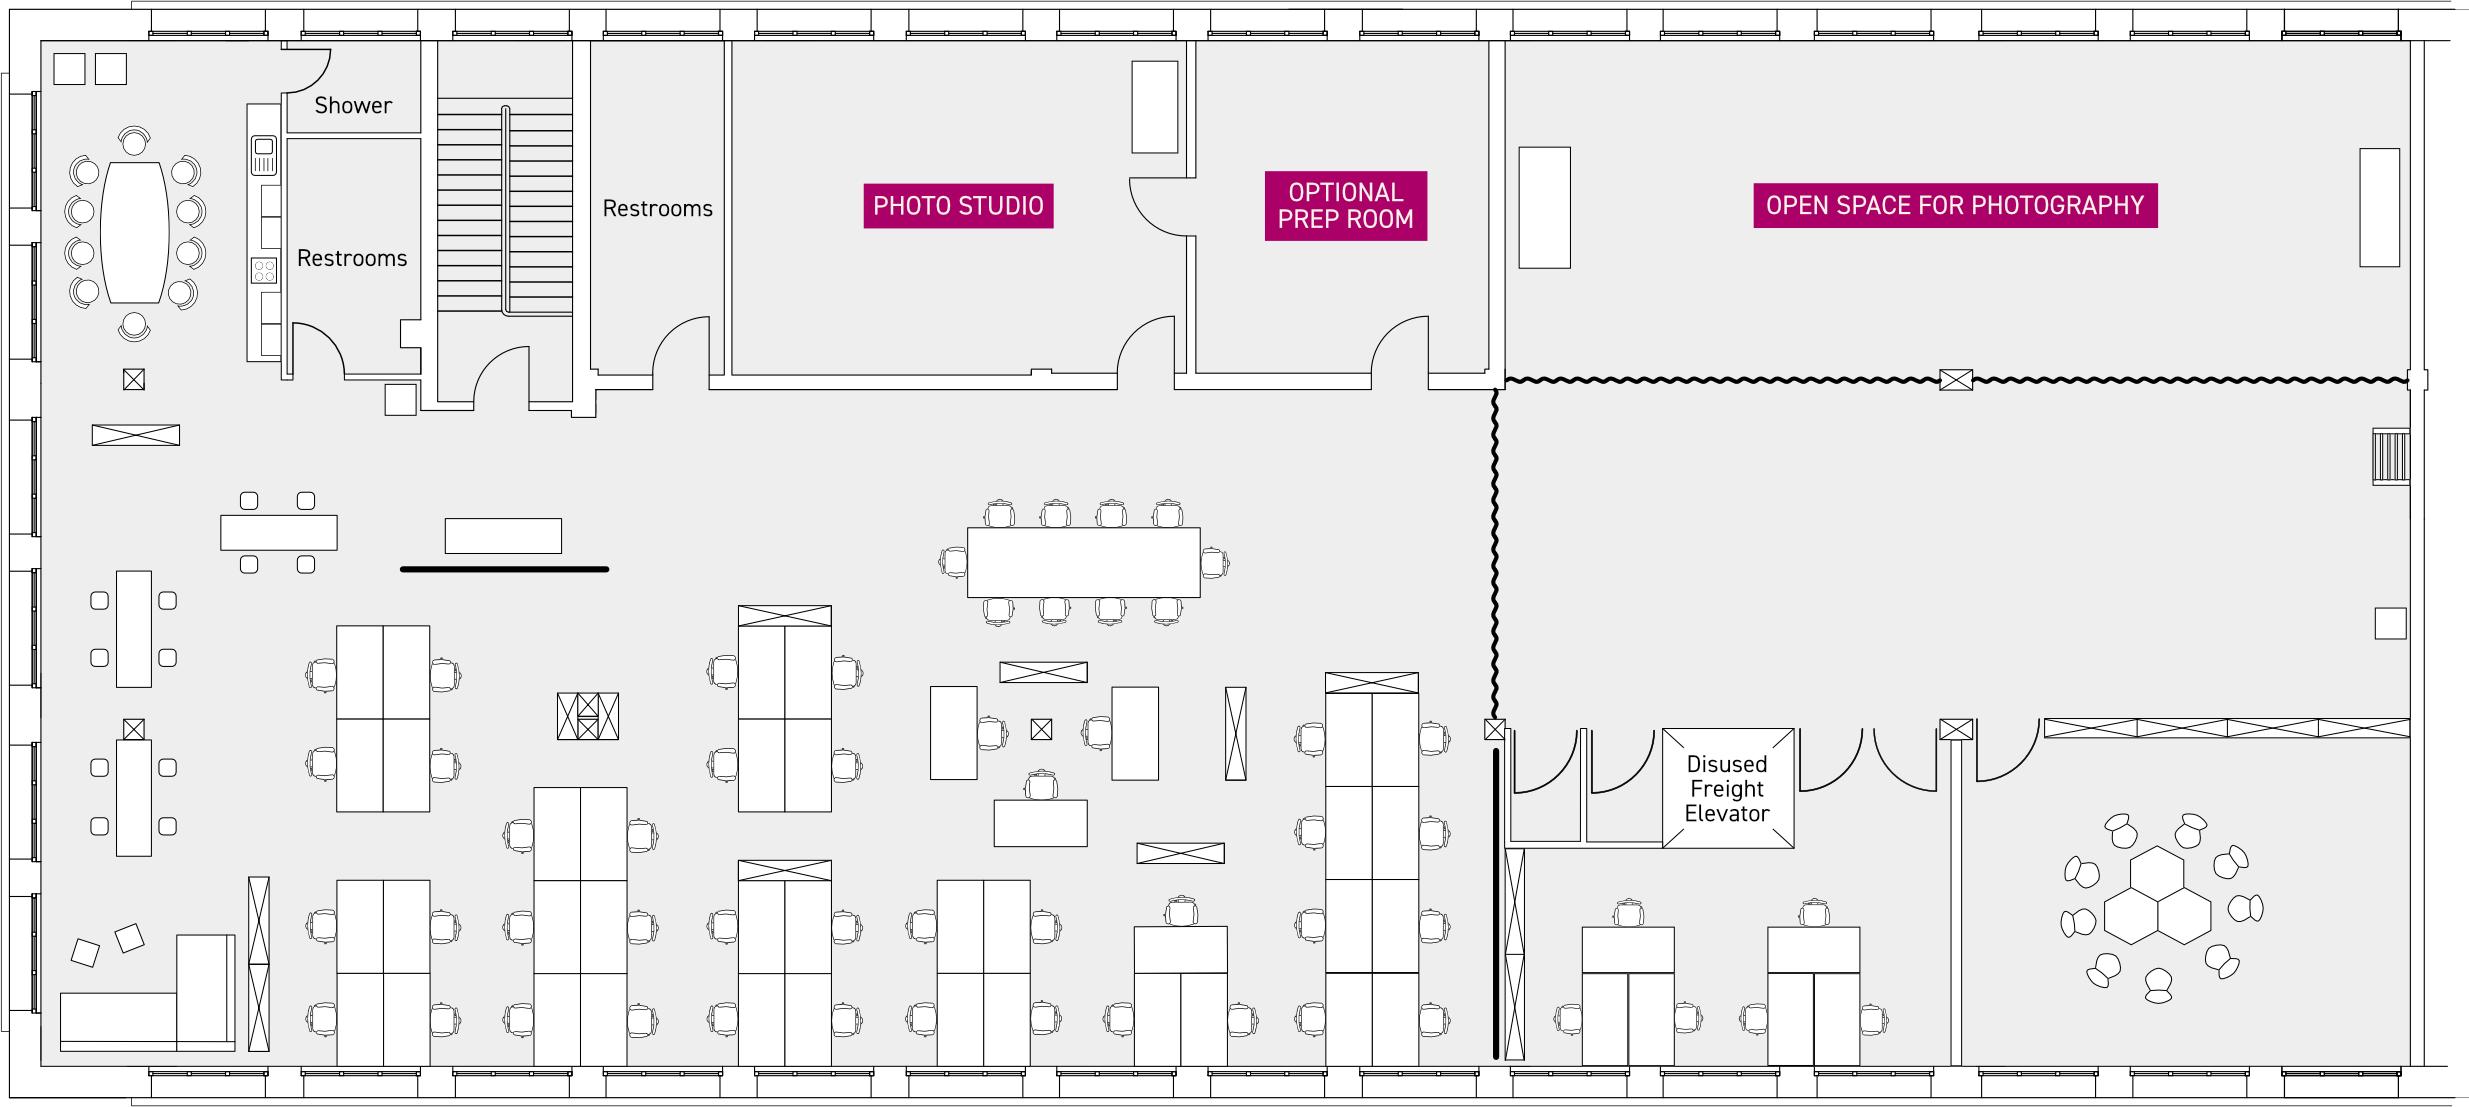 180610e Floor Plan photo studio.png